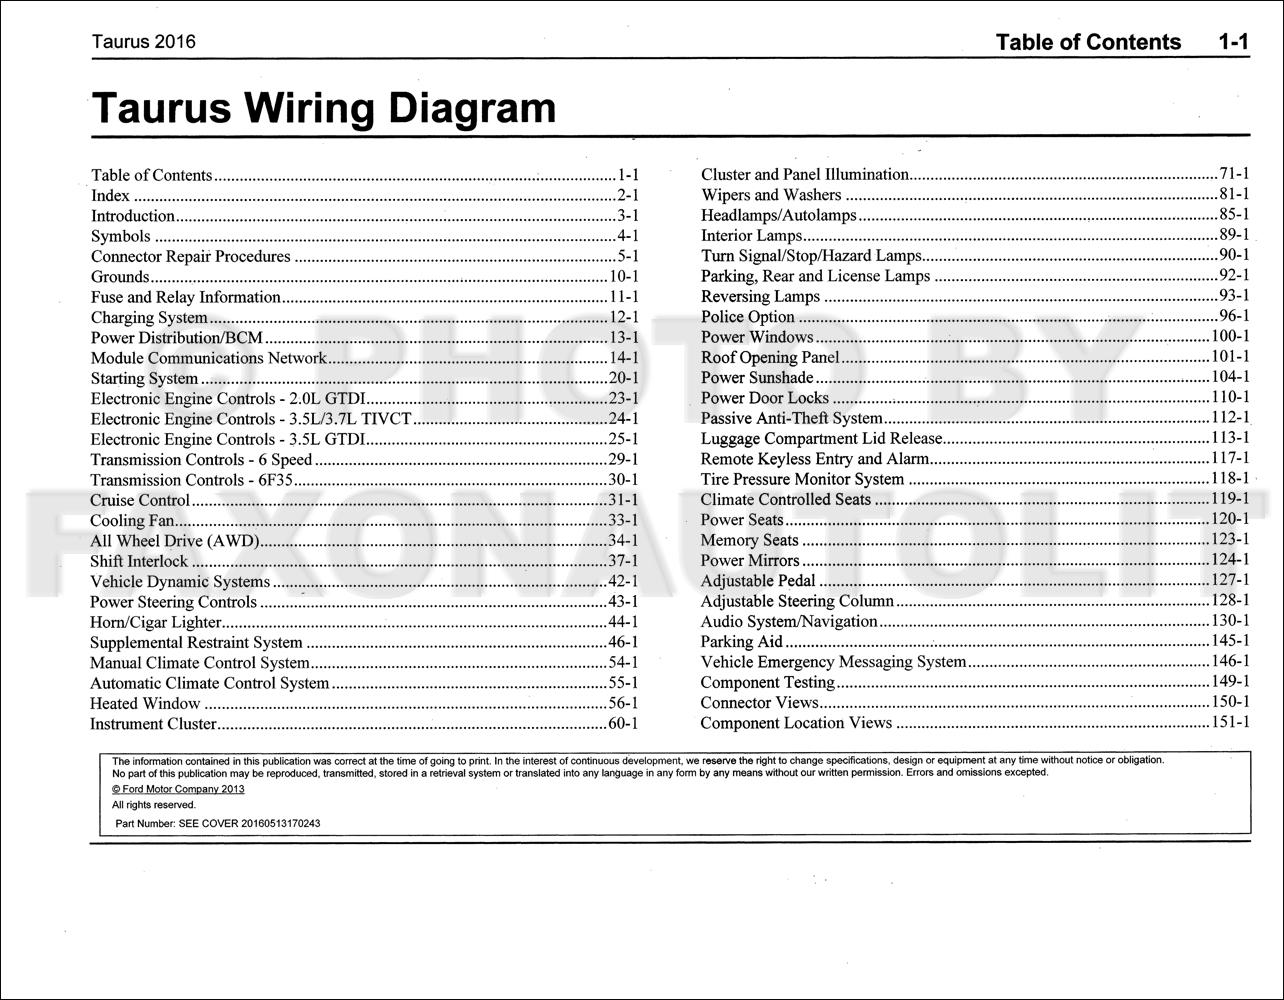 2016 Ford Taurus Wiring Diagram Manual Original